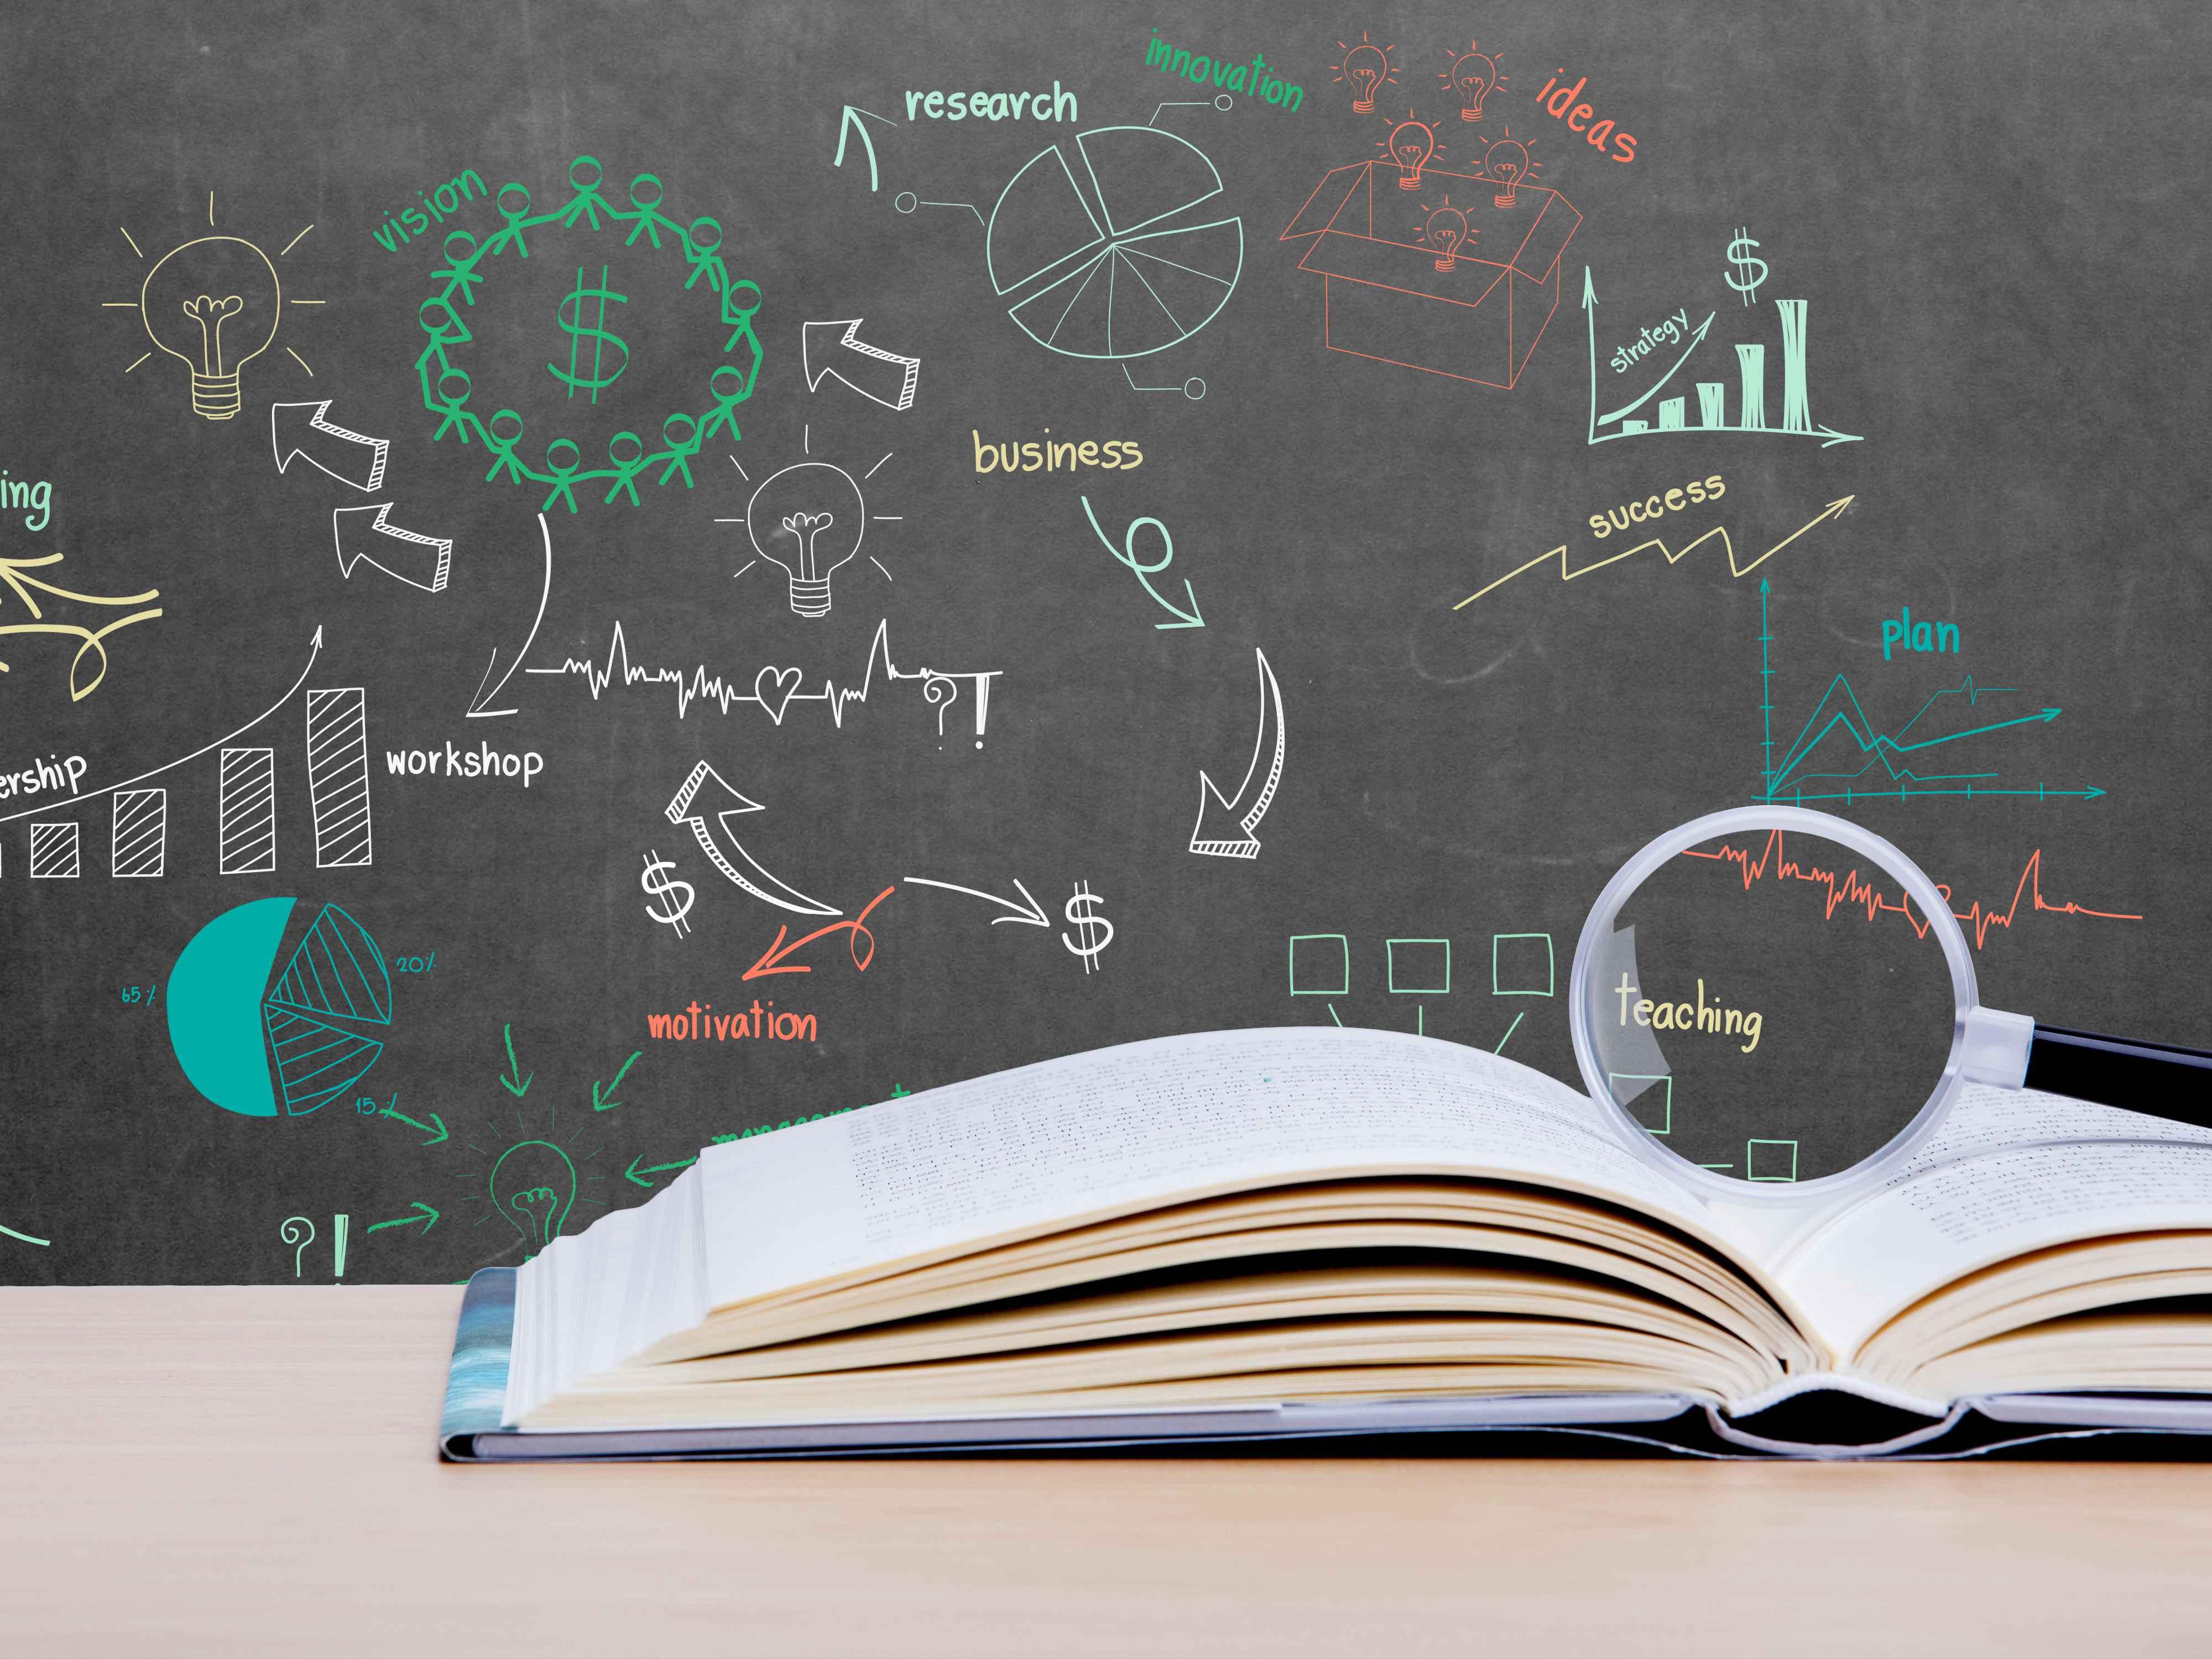 强帅:战略模式实案解析——以几家教育公司为例